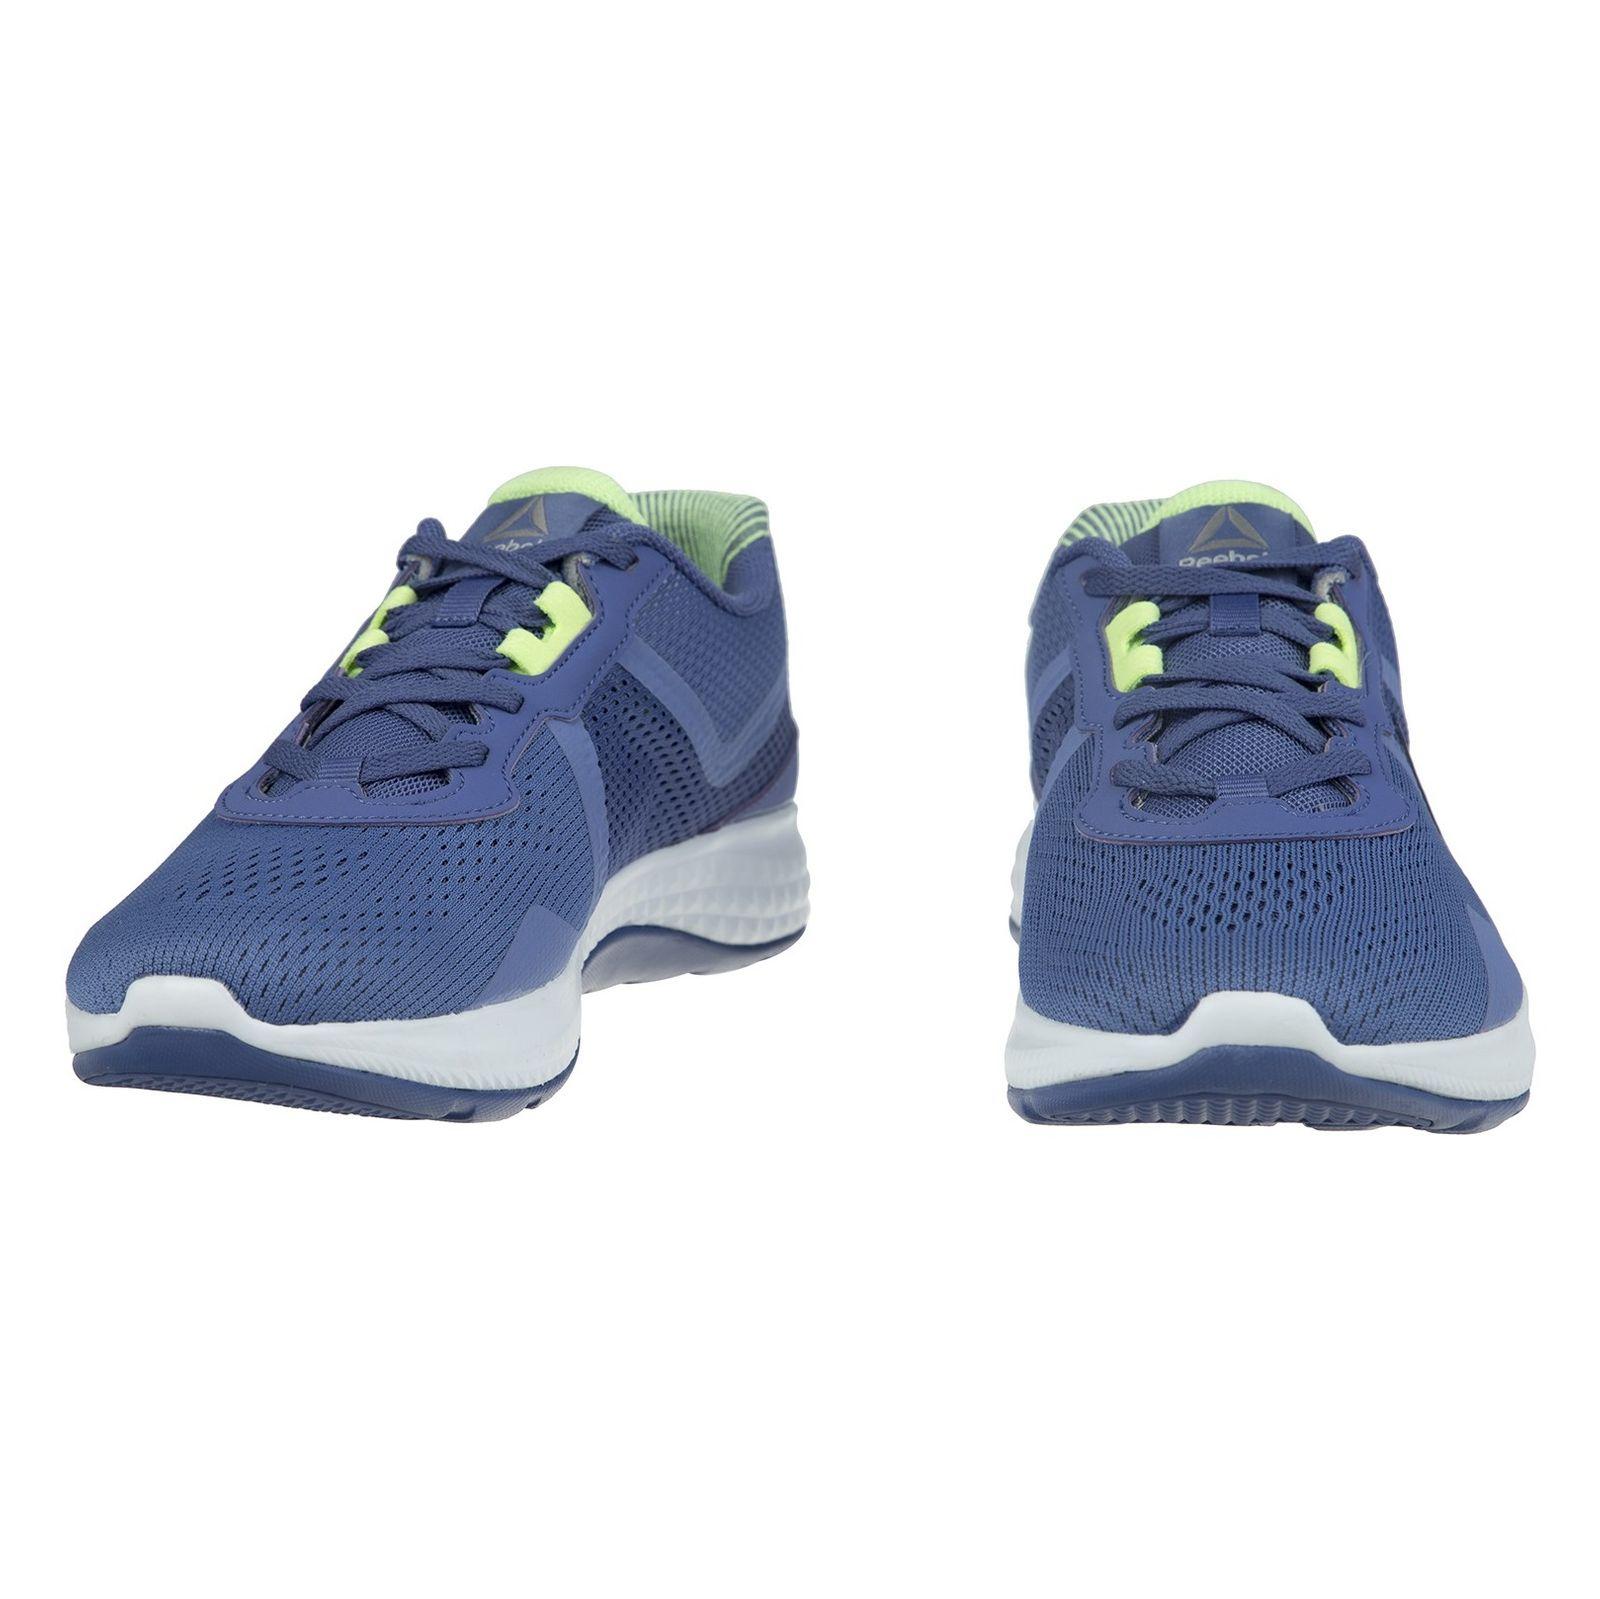 کفش دویدن بندی زنانه Astroride Duo Edge - ریباک - آبي - 4